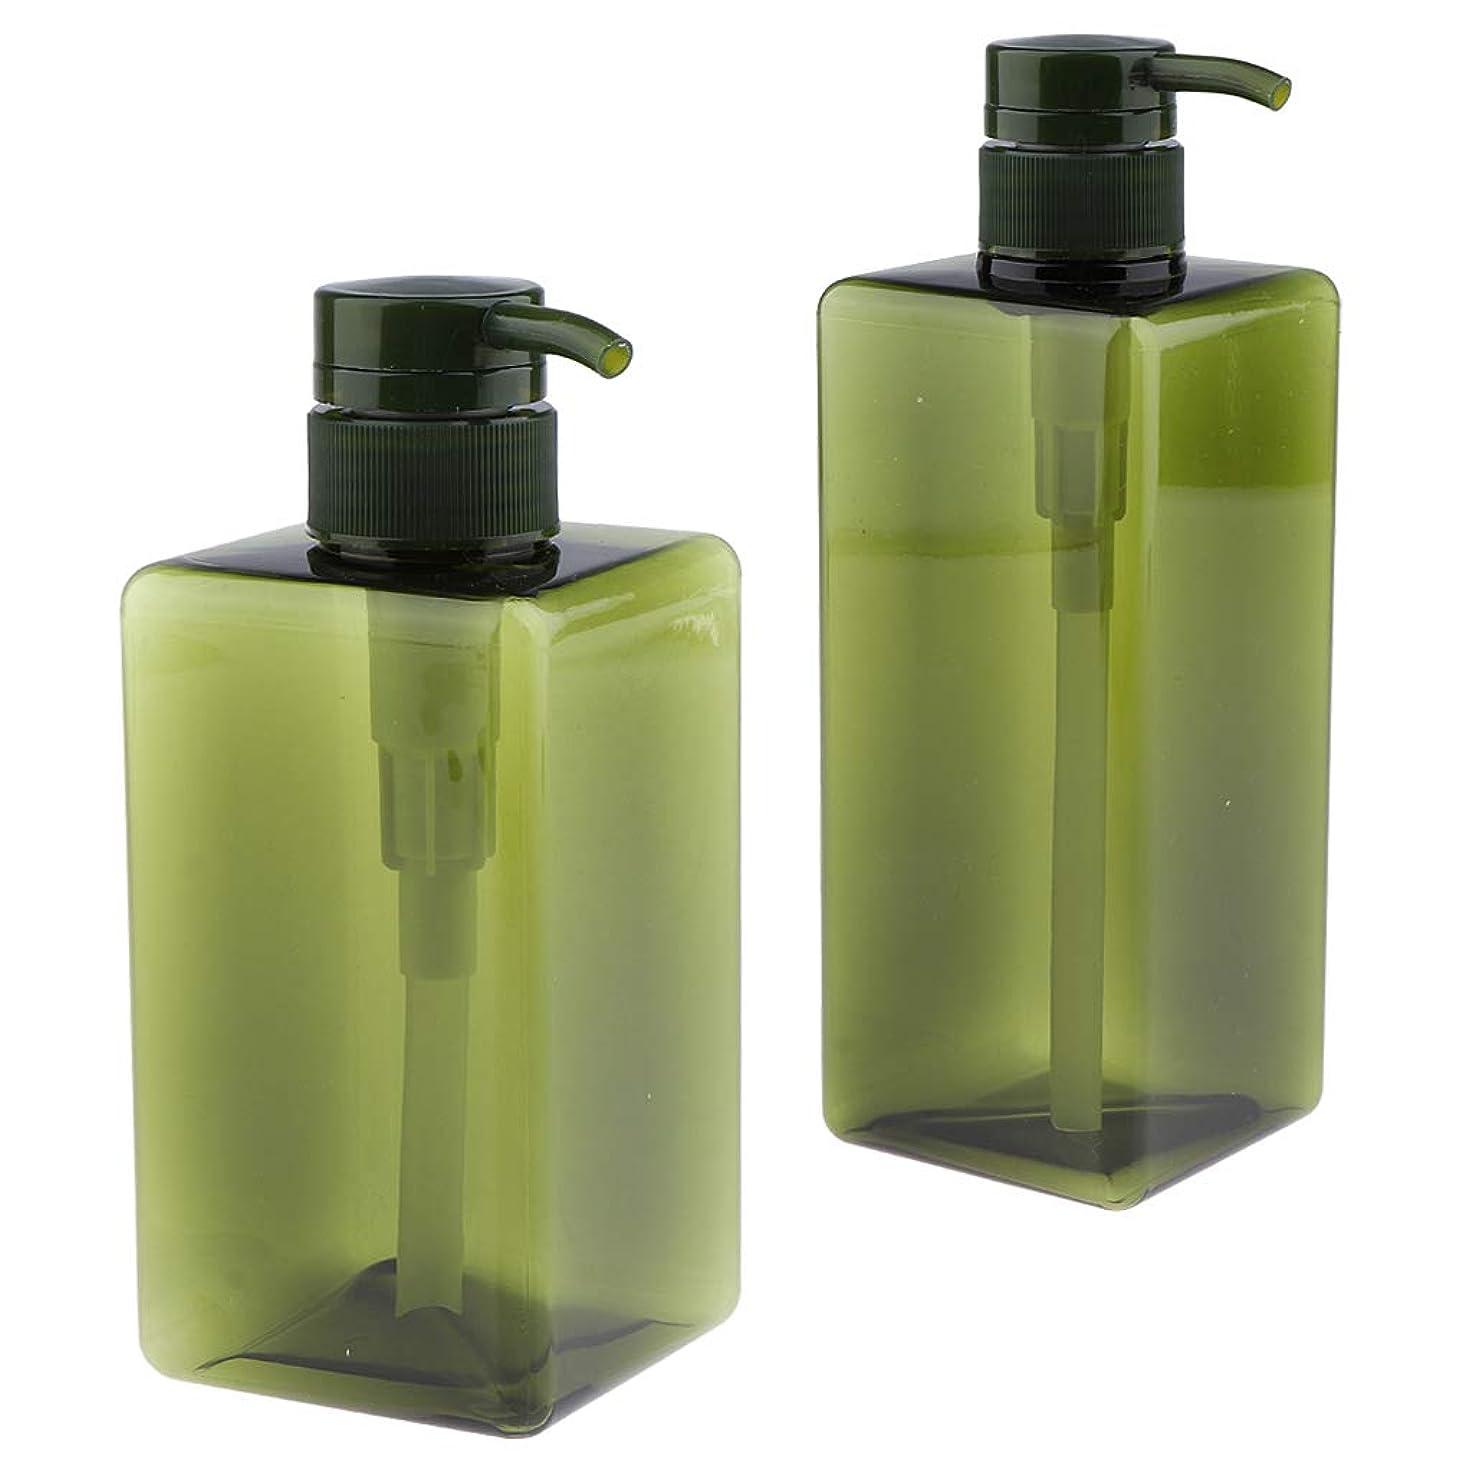 核バクテリア言語学CUTICATE 2個パック シャンプー ローションポンプボトル 詰め替え容器 ソープディスペンサー 液体用ボトル